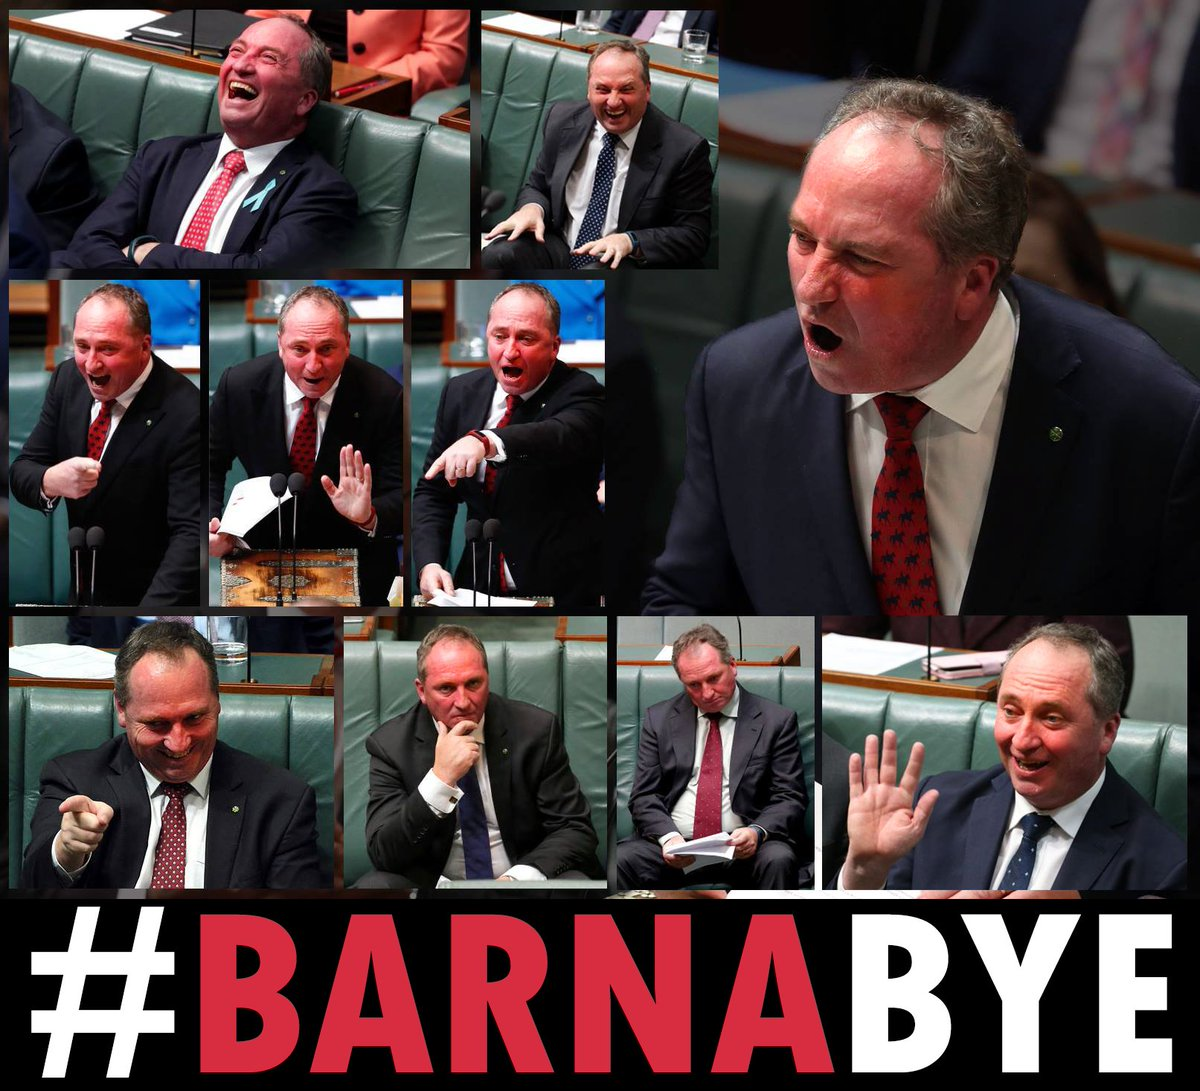 #Barnabye! 👋#Beetrooter #BarnabyGate #Au...